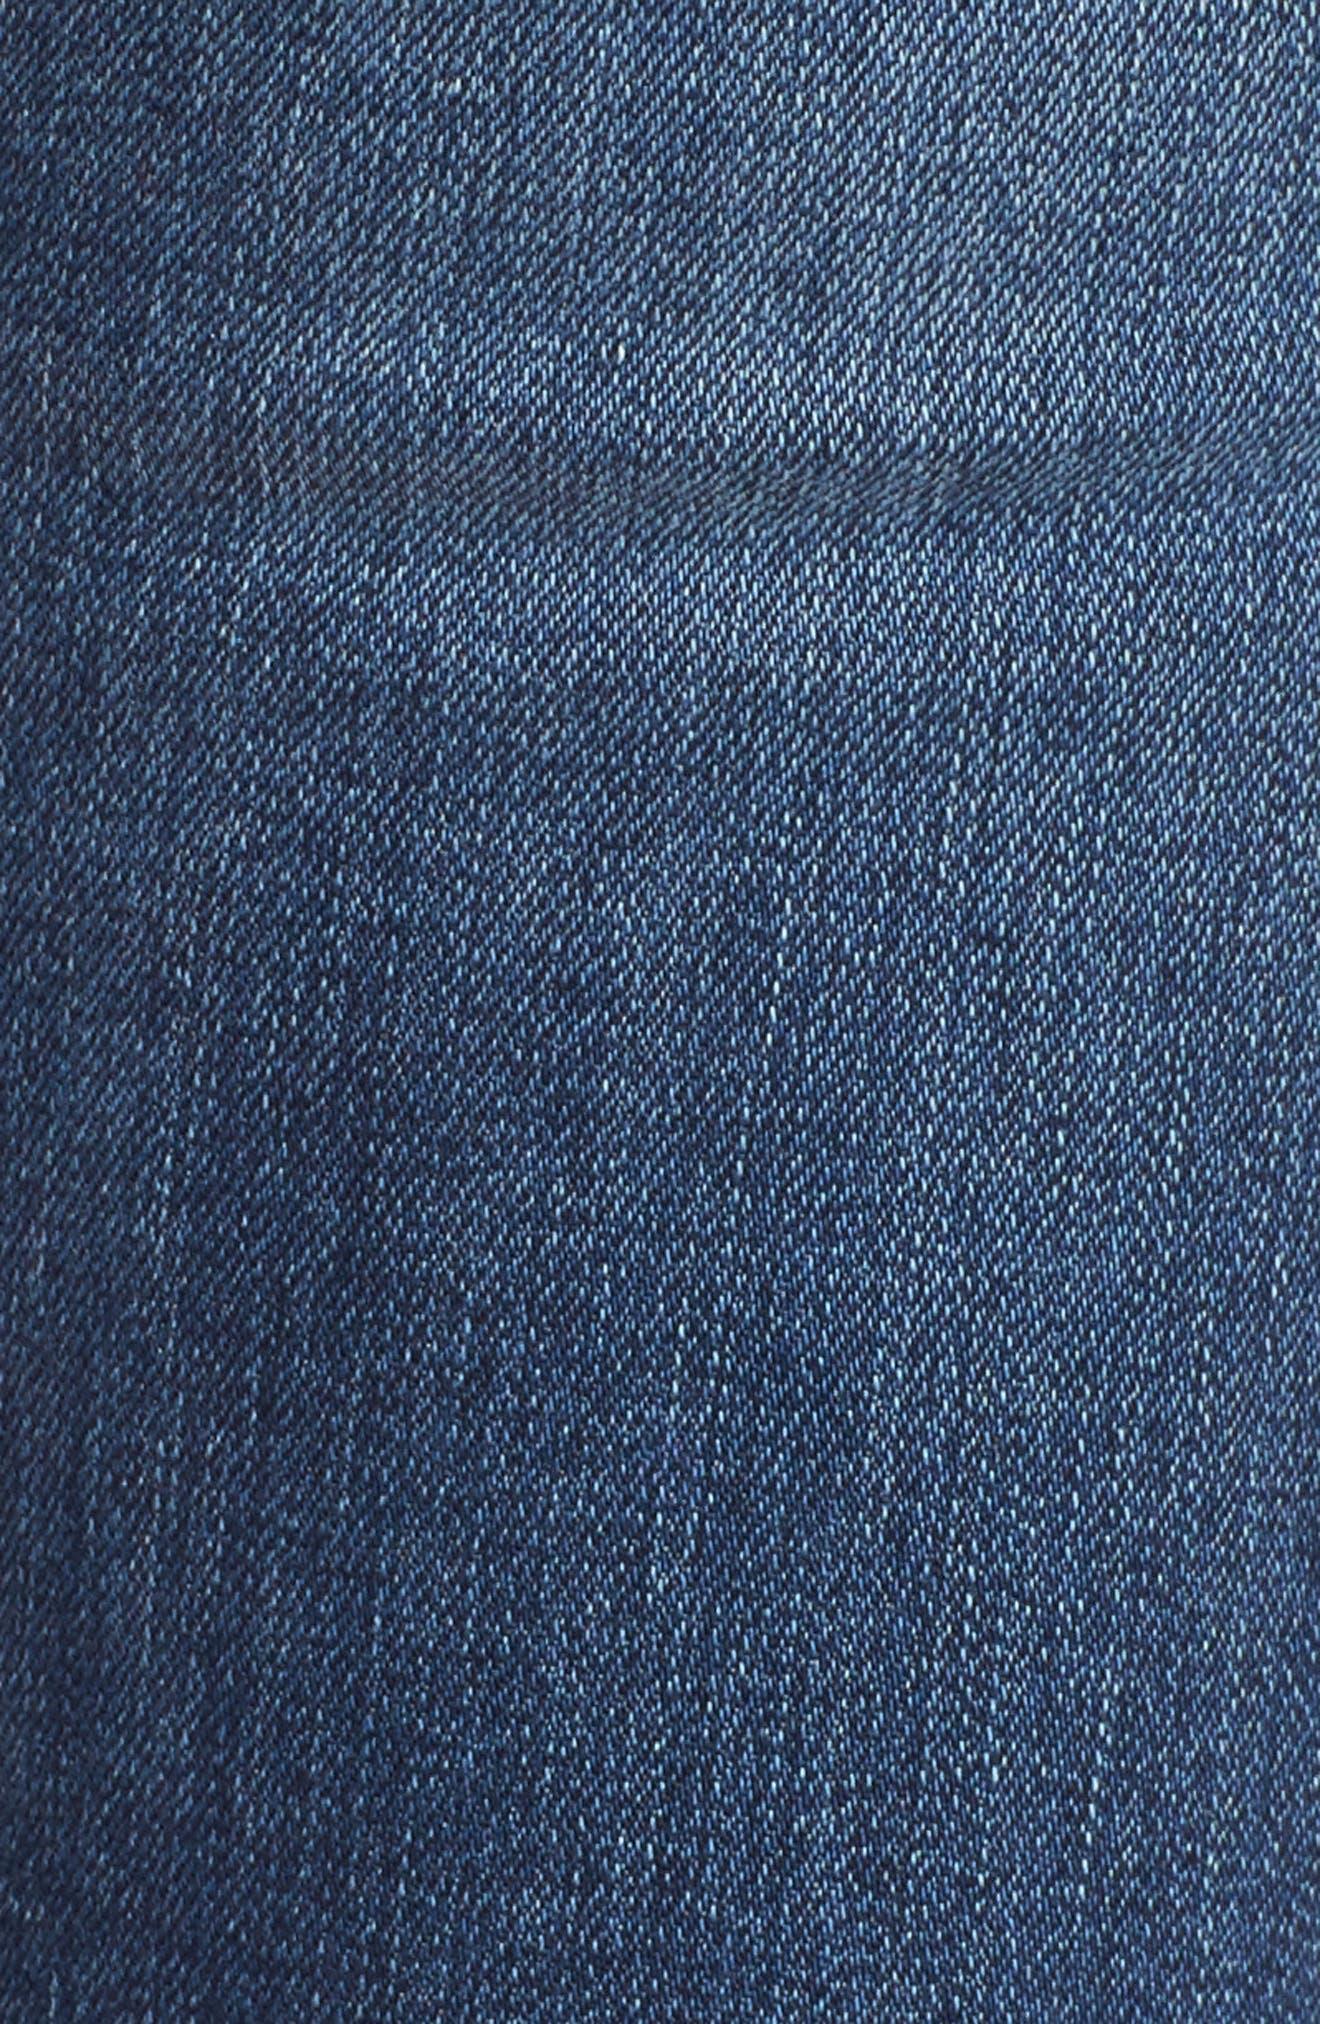 Alternate Image 5  - Hudson Jeans Drew Bootcut Jeans (Unfamed)